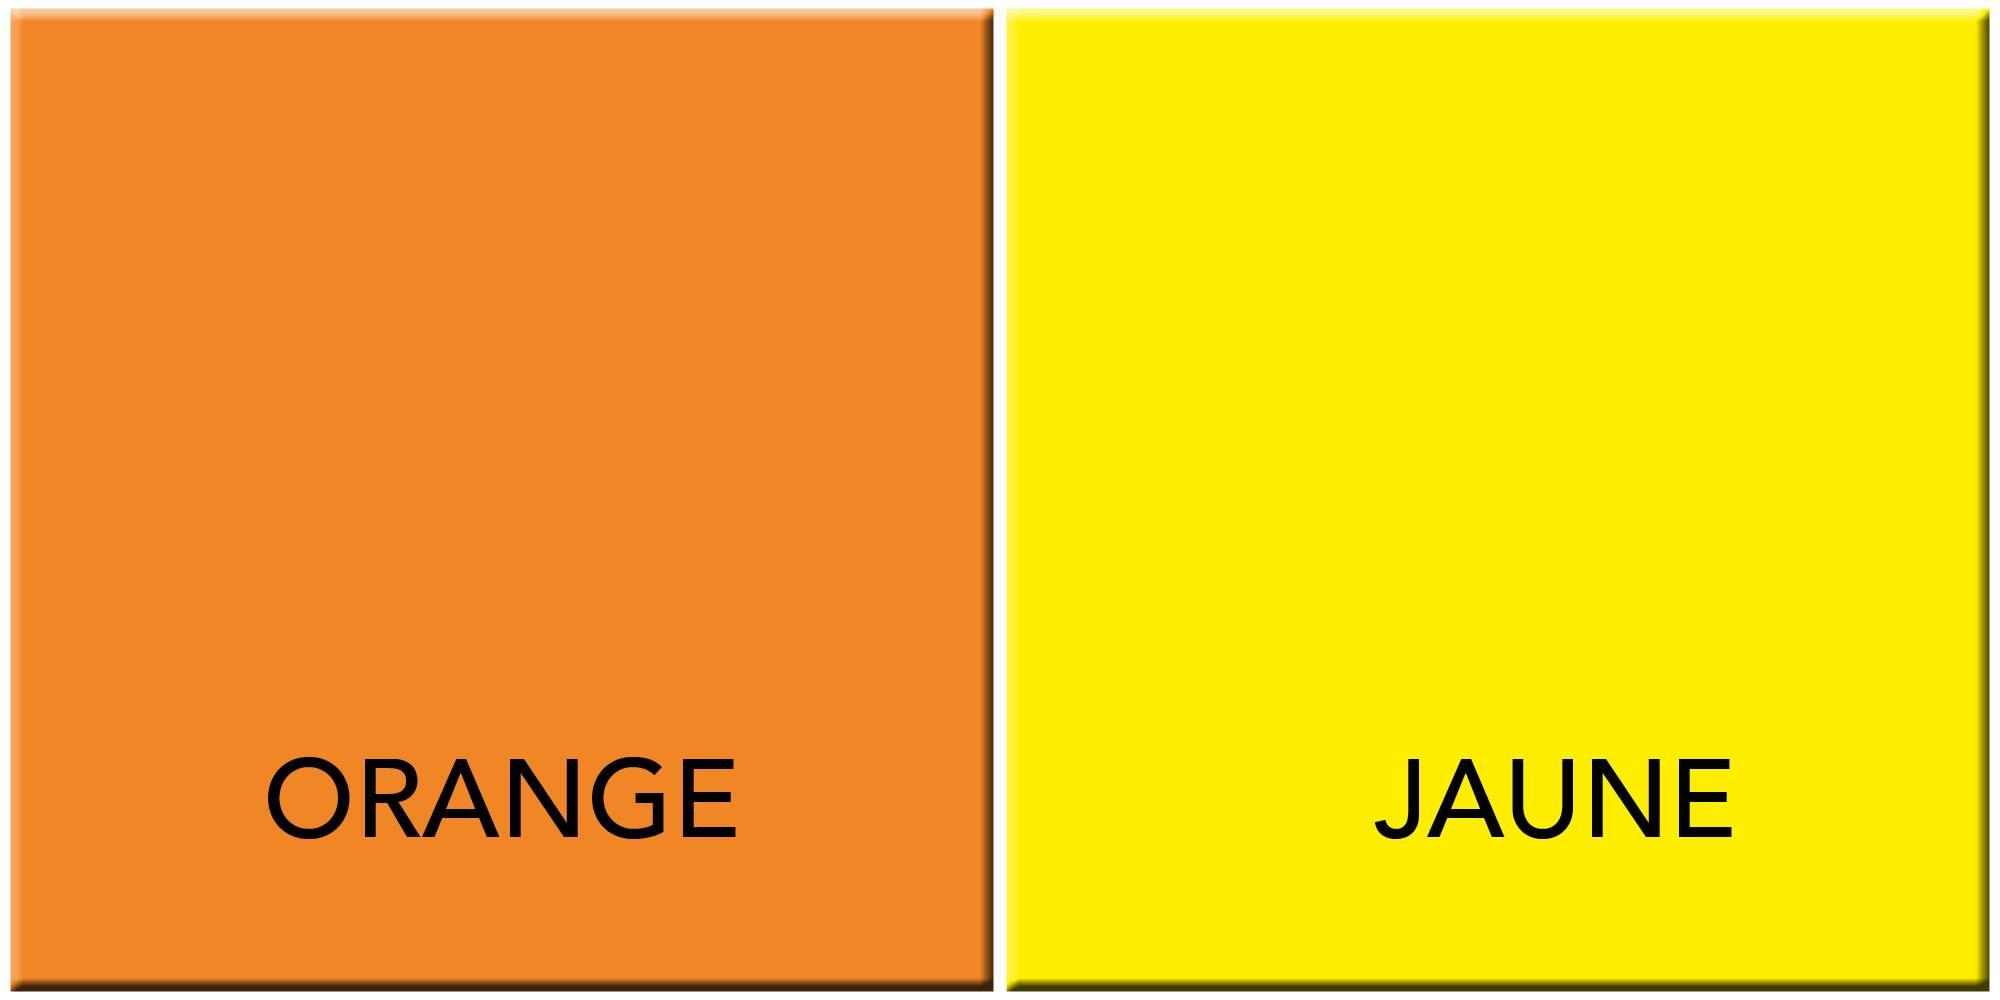 04-25-30 orange-jaune